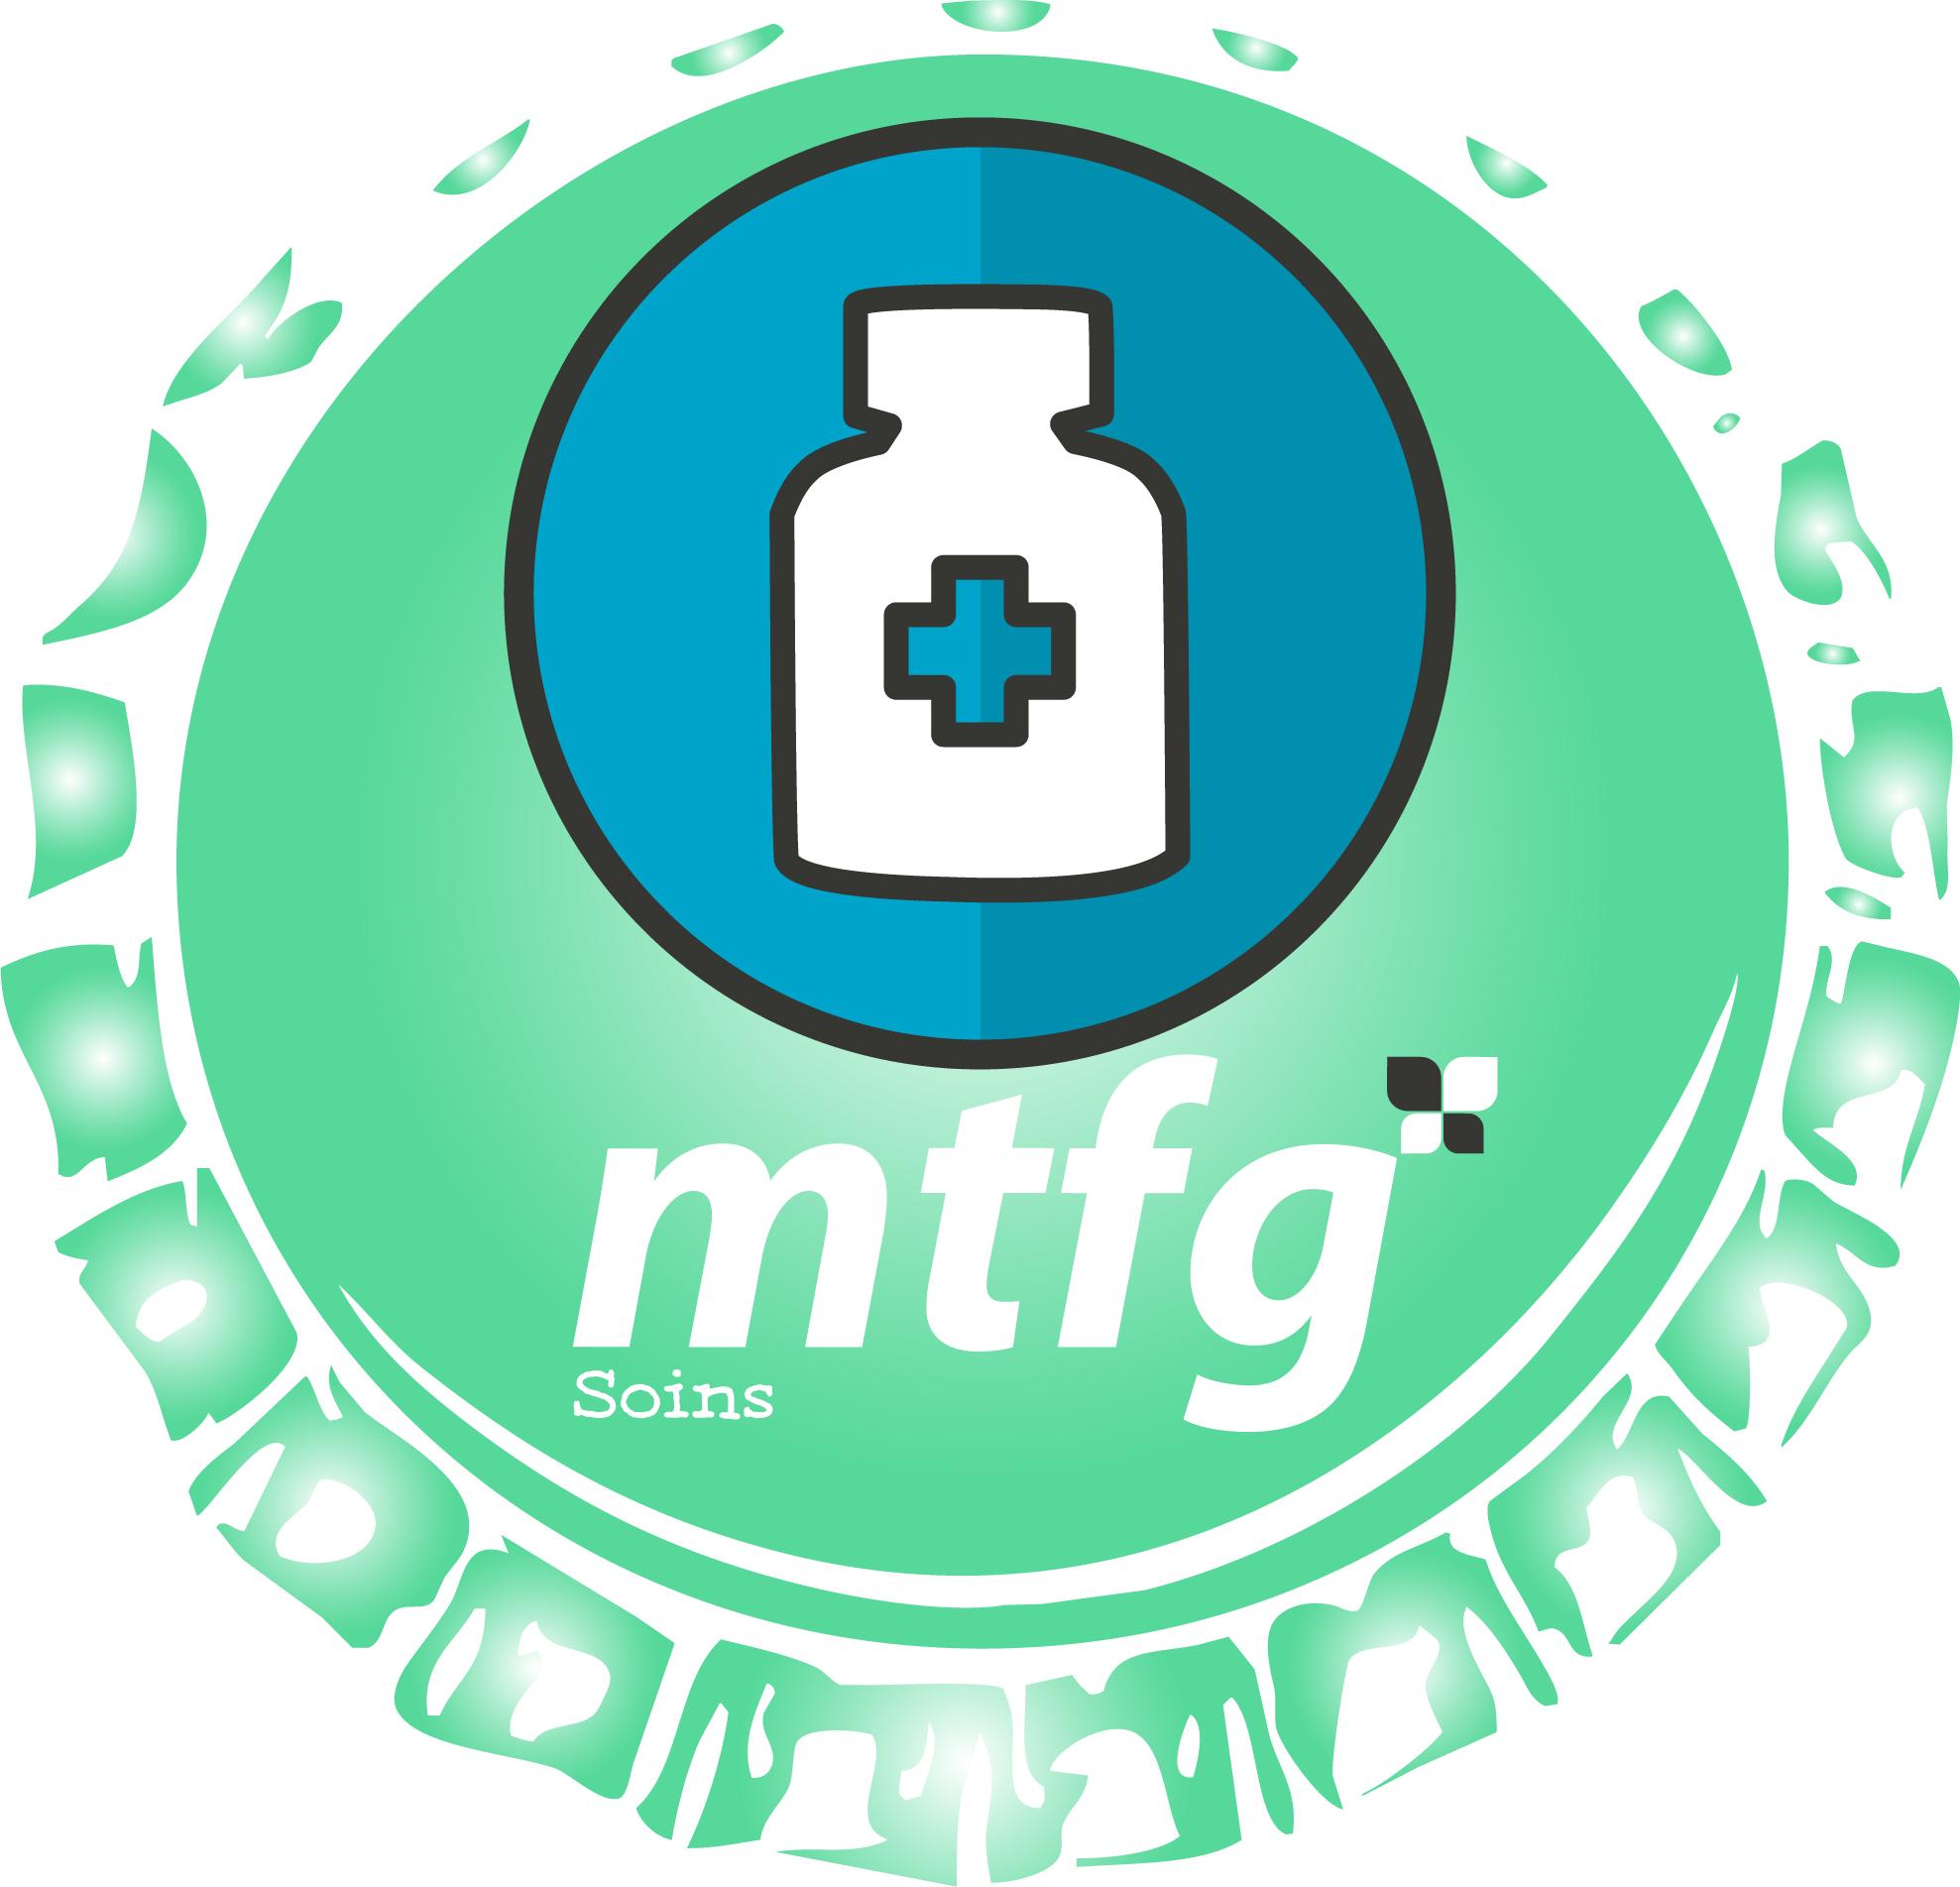 MTFG Soins